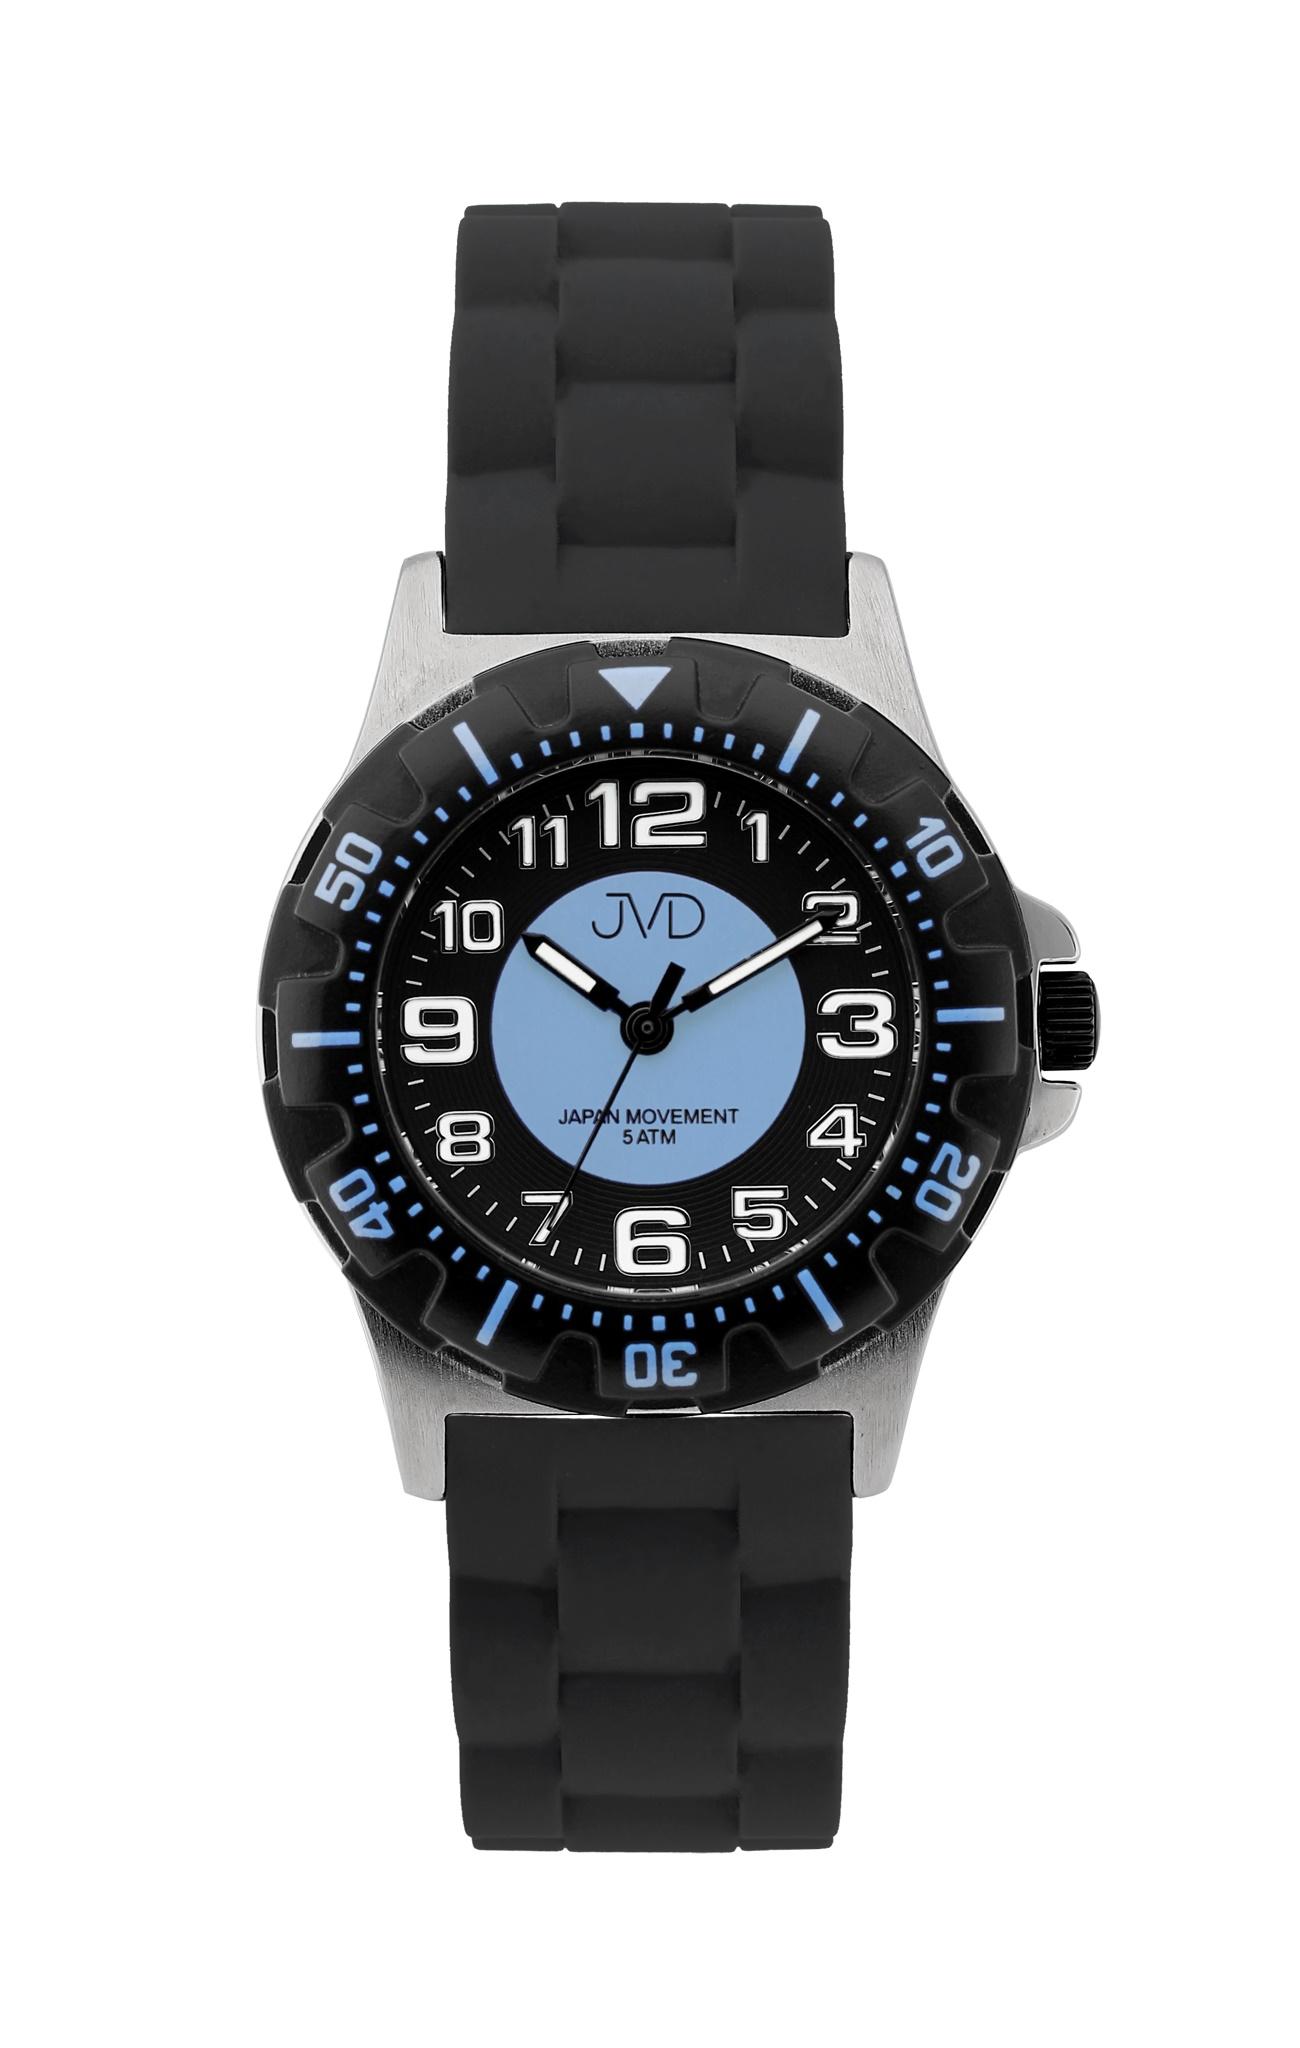 Chlapecké dětské vodotěsné sportovní hodinky JVD J7168.4 - 5ATM (modré chlapecké voděodolné hodinky)